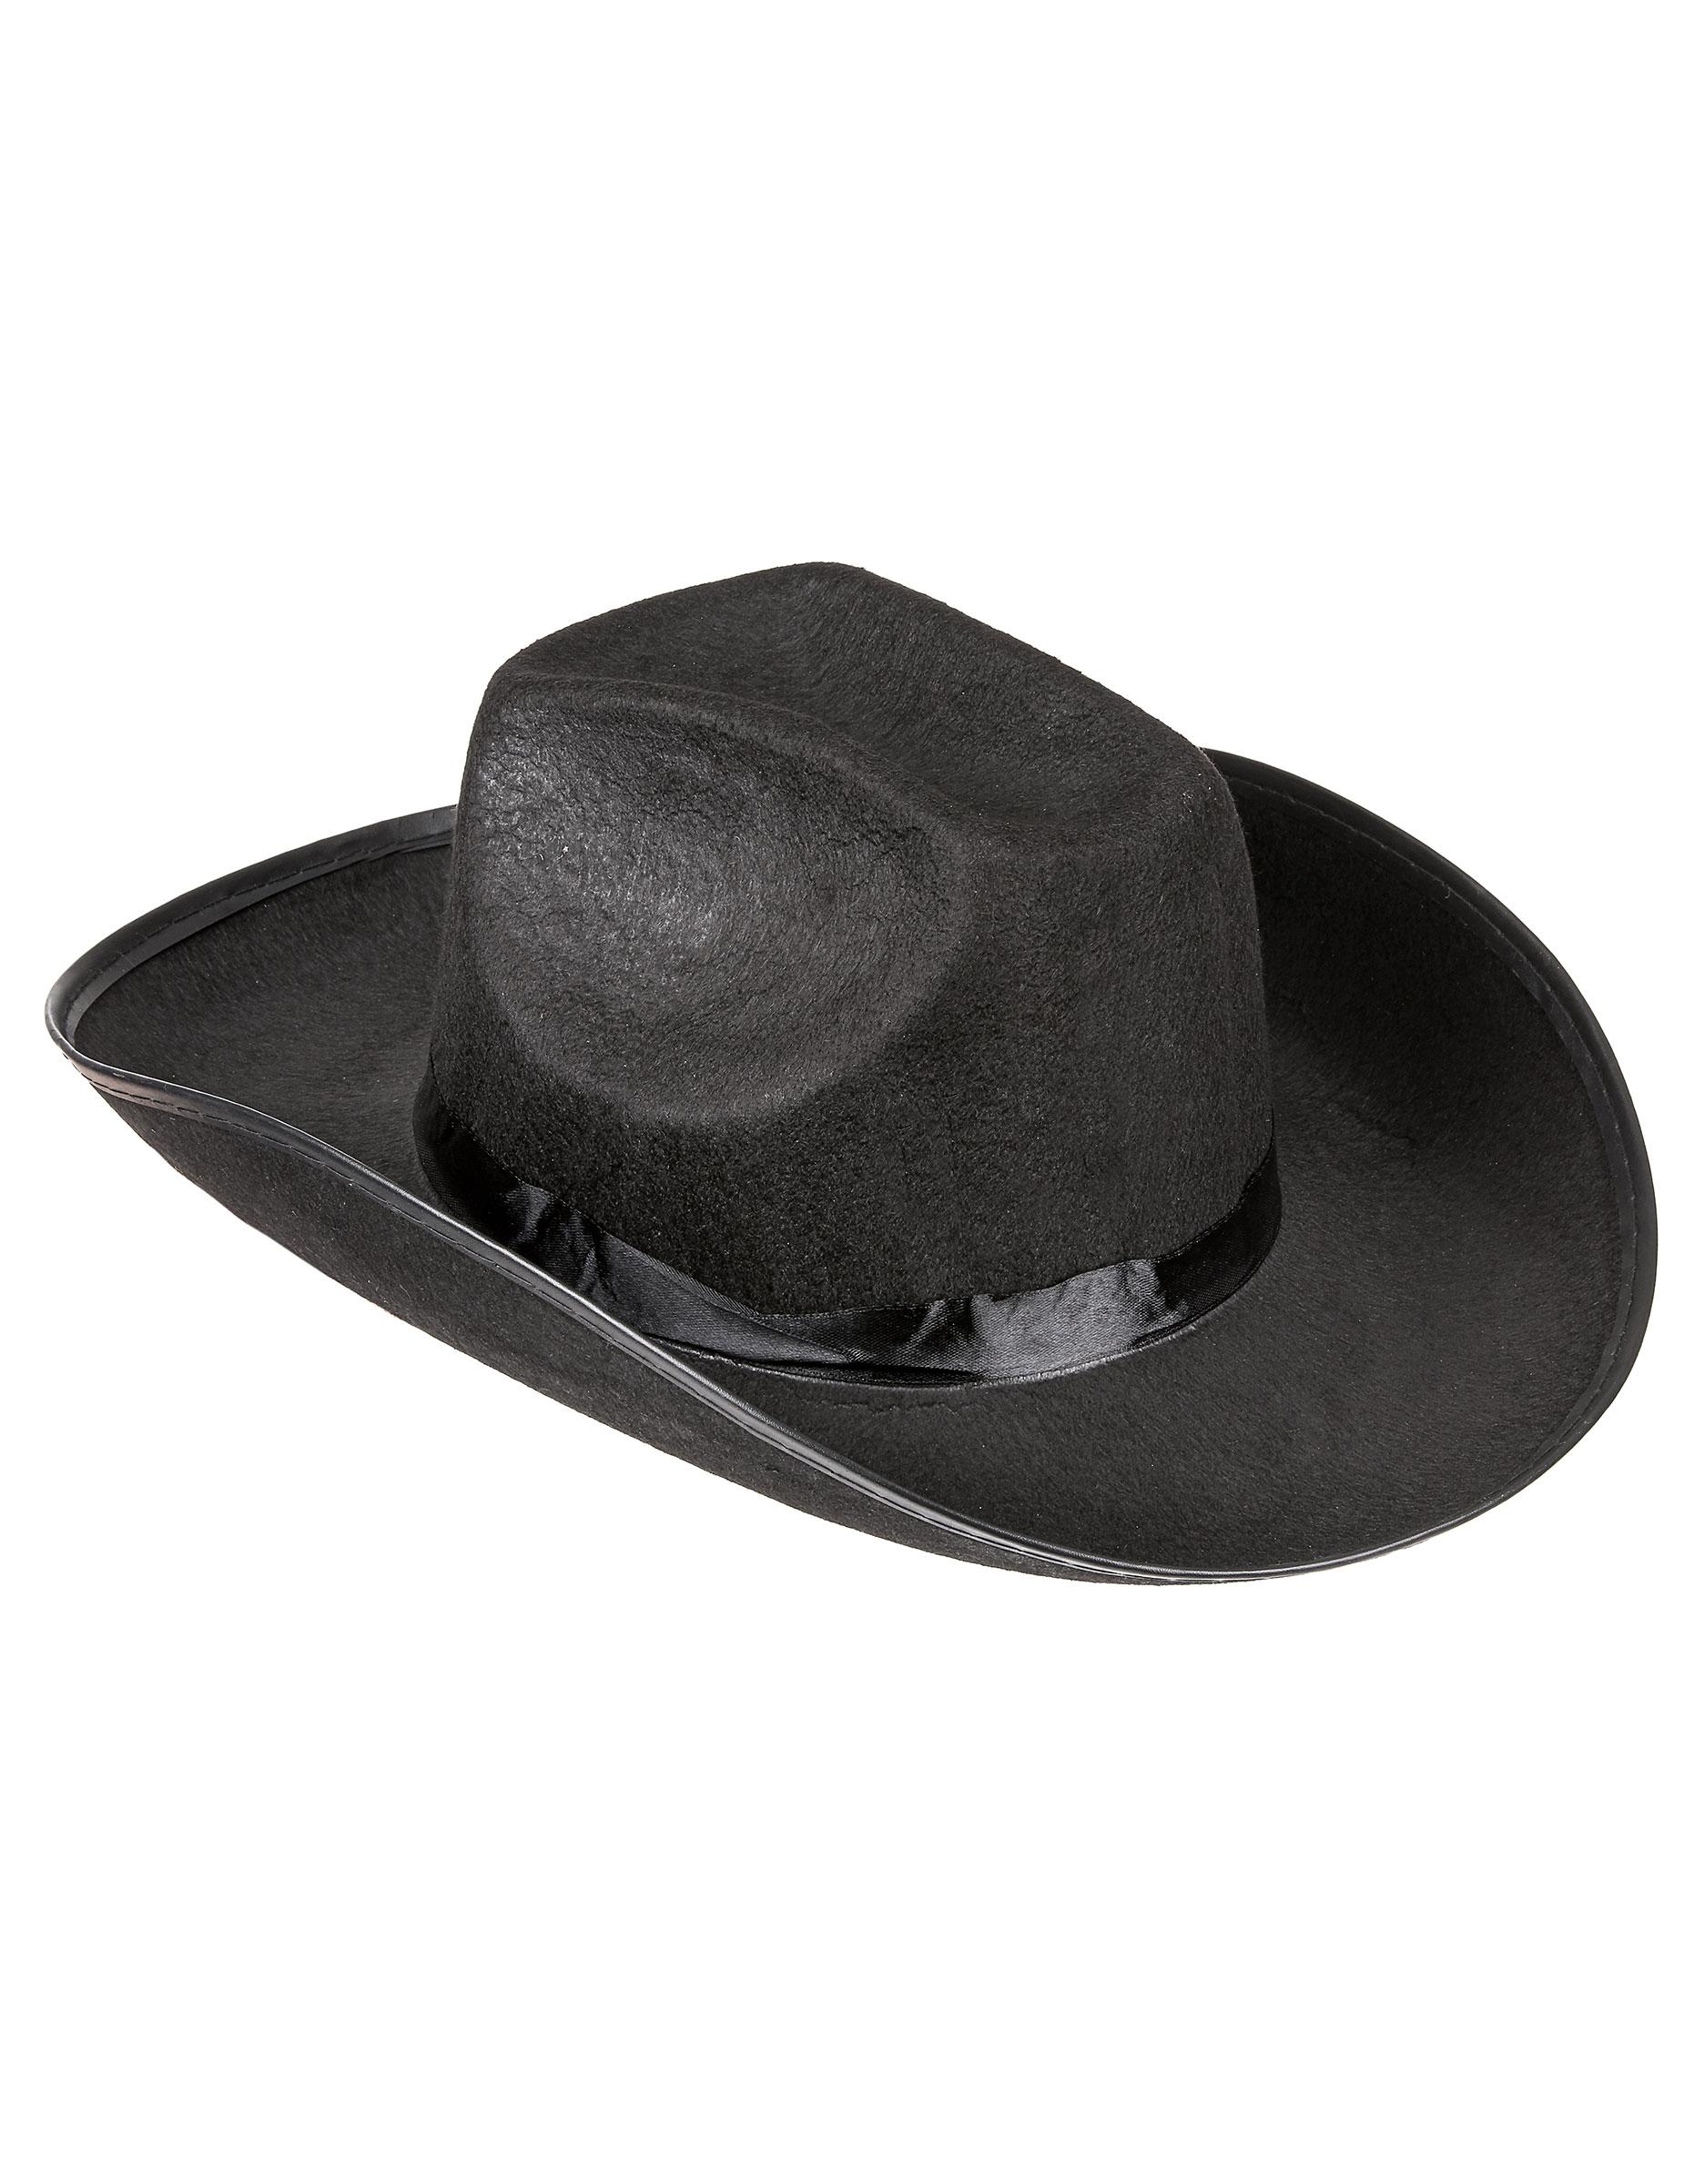 790140f30e86c chapéu de cowboy preto para adulto  Chapéus